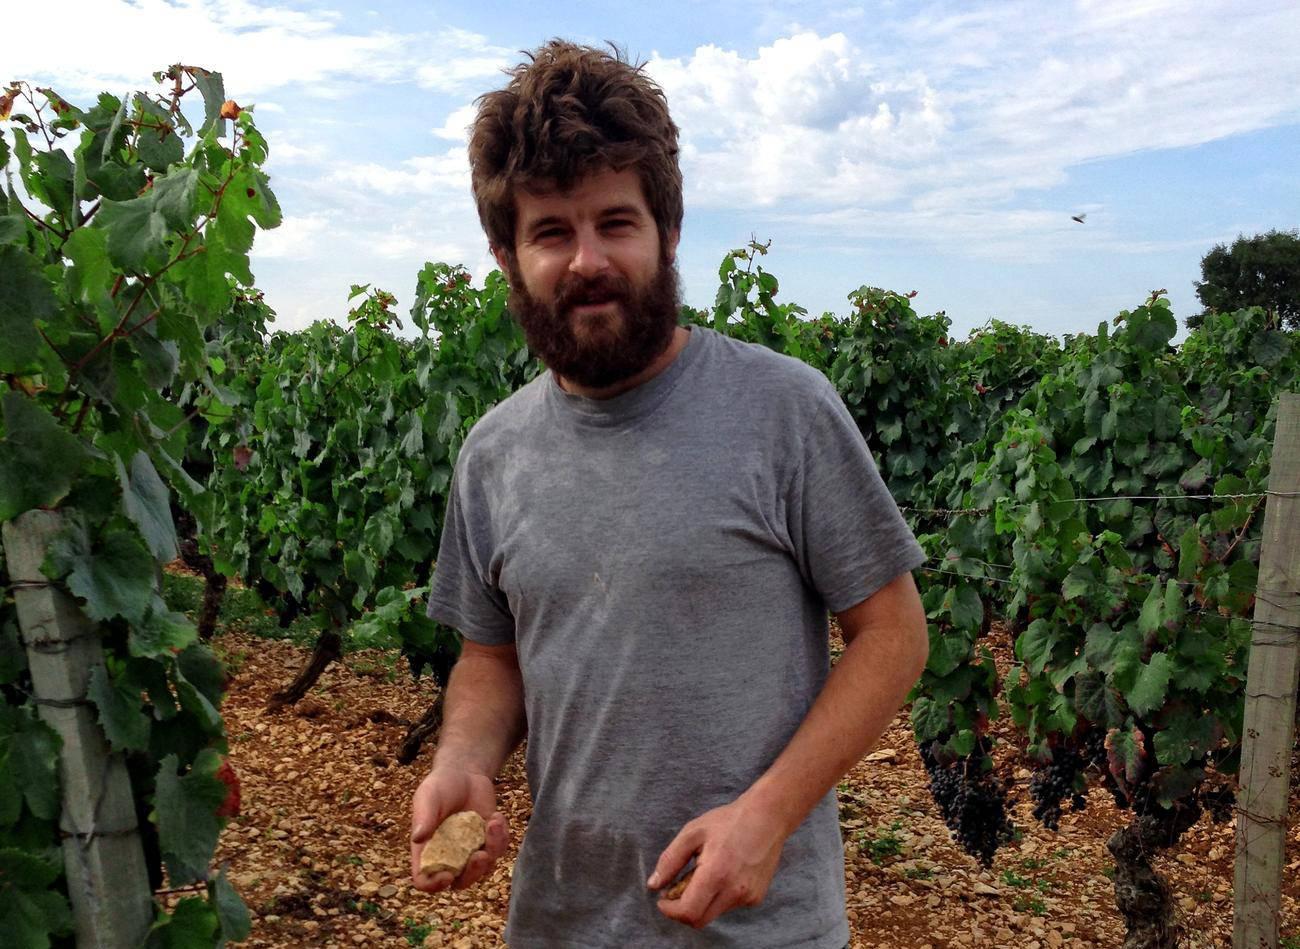 France, vin nature, rawwine, organic wine, vin bio, vin sans intrants, bistro brute, vin rouge, vin blanc, rouge, blanc, nature, vin propre, vigneron, vigneron indépendant, domaine bio, biodynamie, vigneron nature, cave vin naturel, cave vin, caviste, vin biodynamique, bistro brute, Quimper, Finistère , fabien jouves, mas del périé, cahors, les agudes, les escures